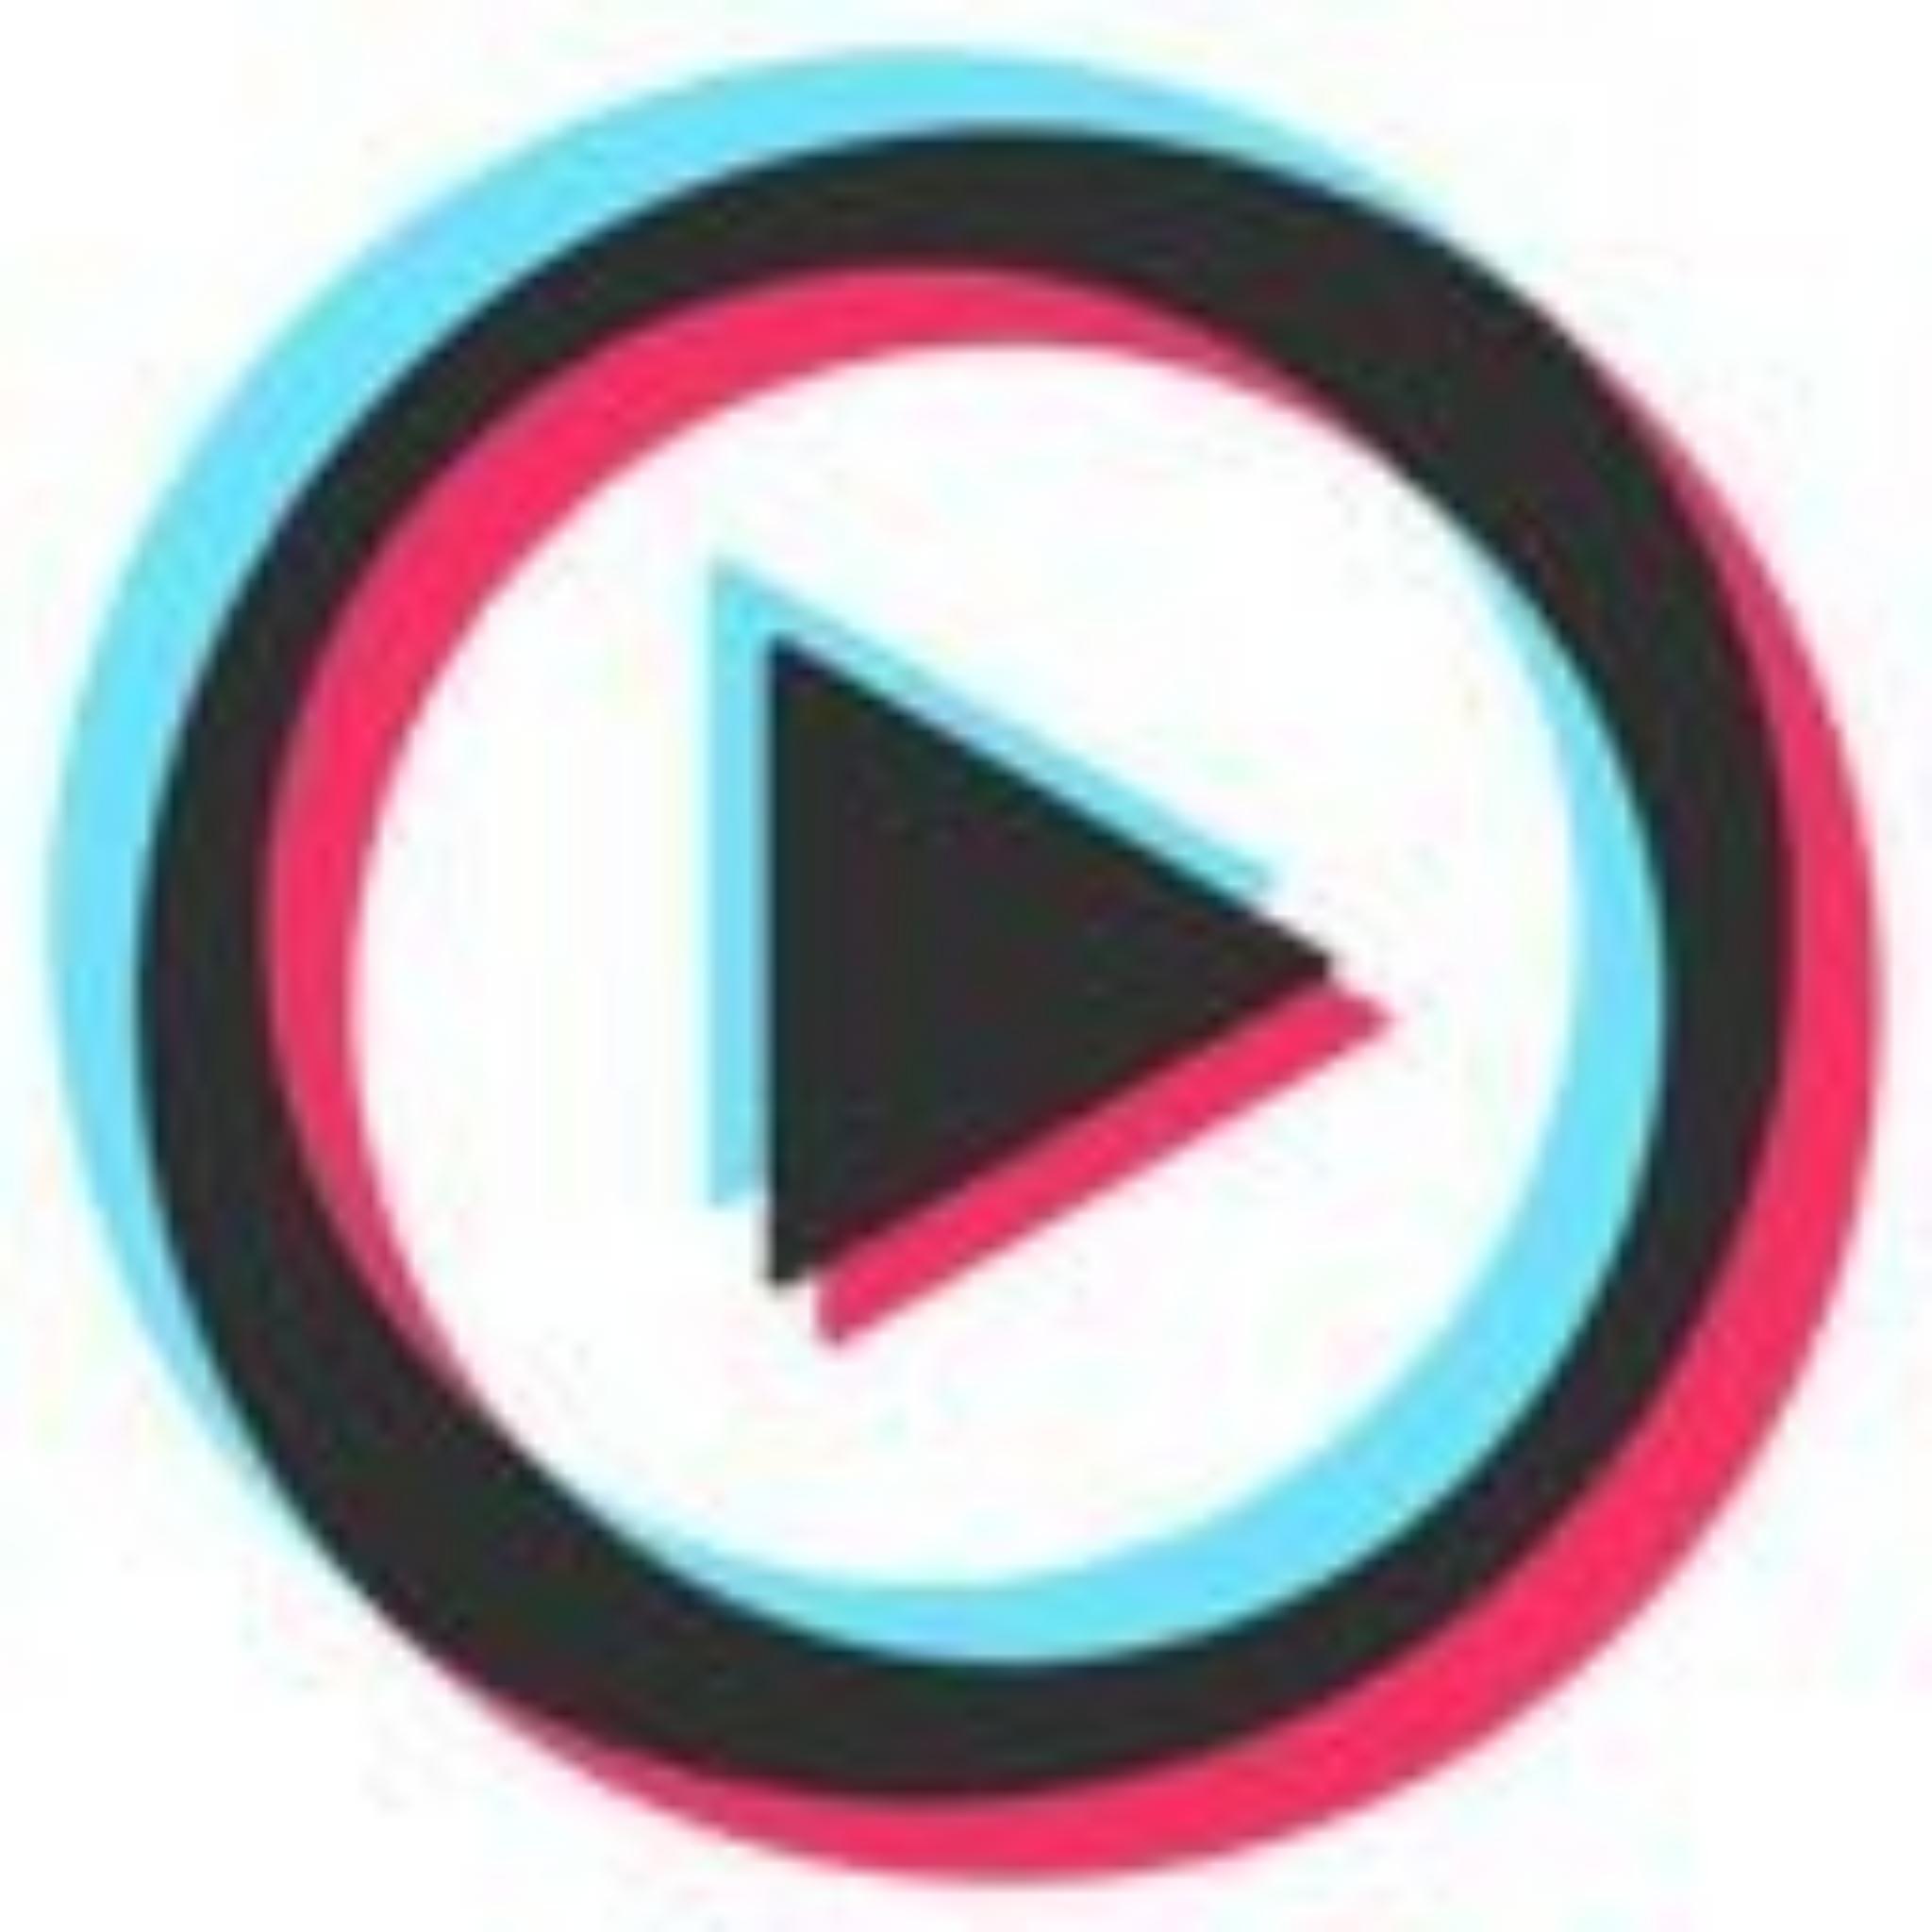 https://www.indiantelevision.com/sites/default/files/styles/smartcrop_800x800/public/images/tv-images/2021/07/13/photogrid_plus_1626173869063.jpg?itok=GQtZCuN3